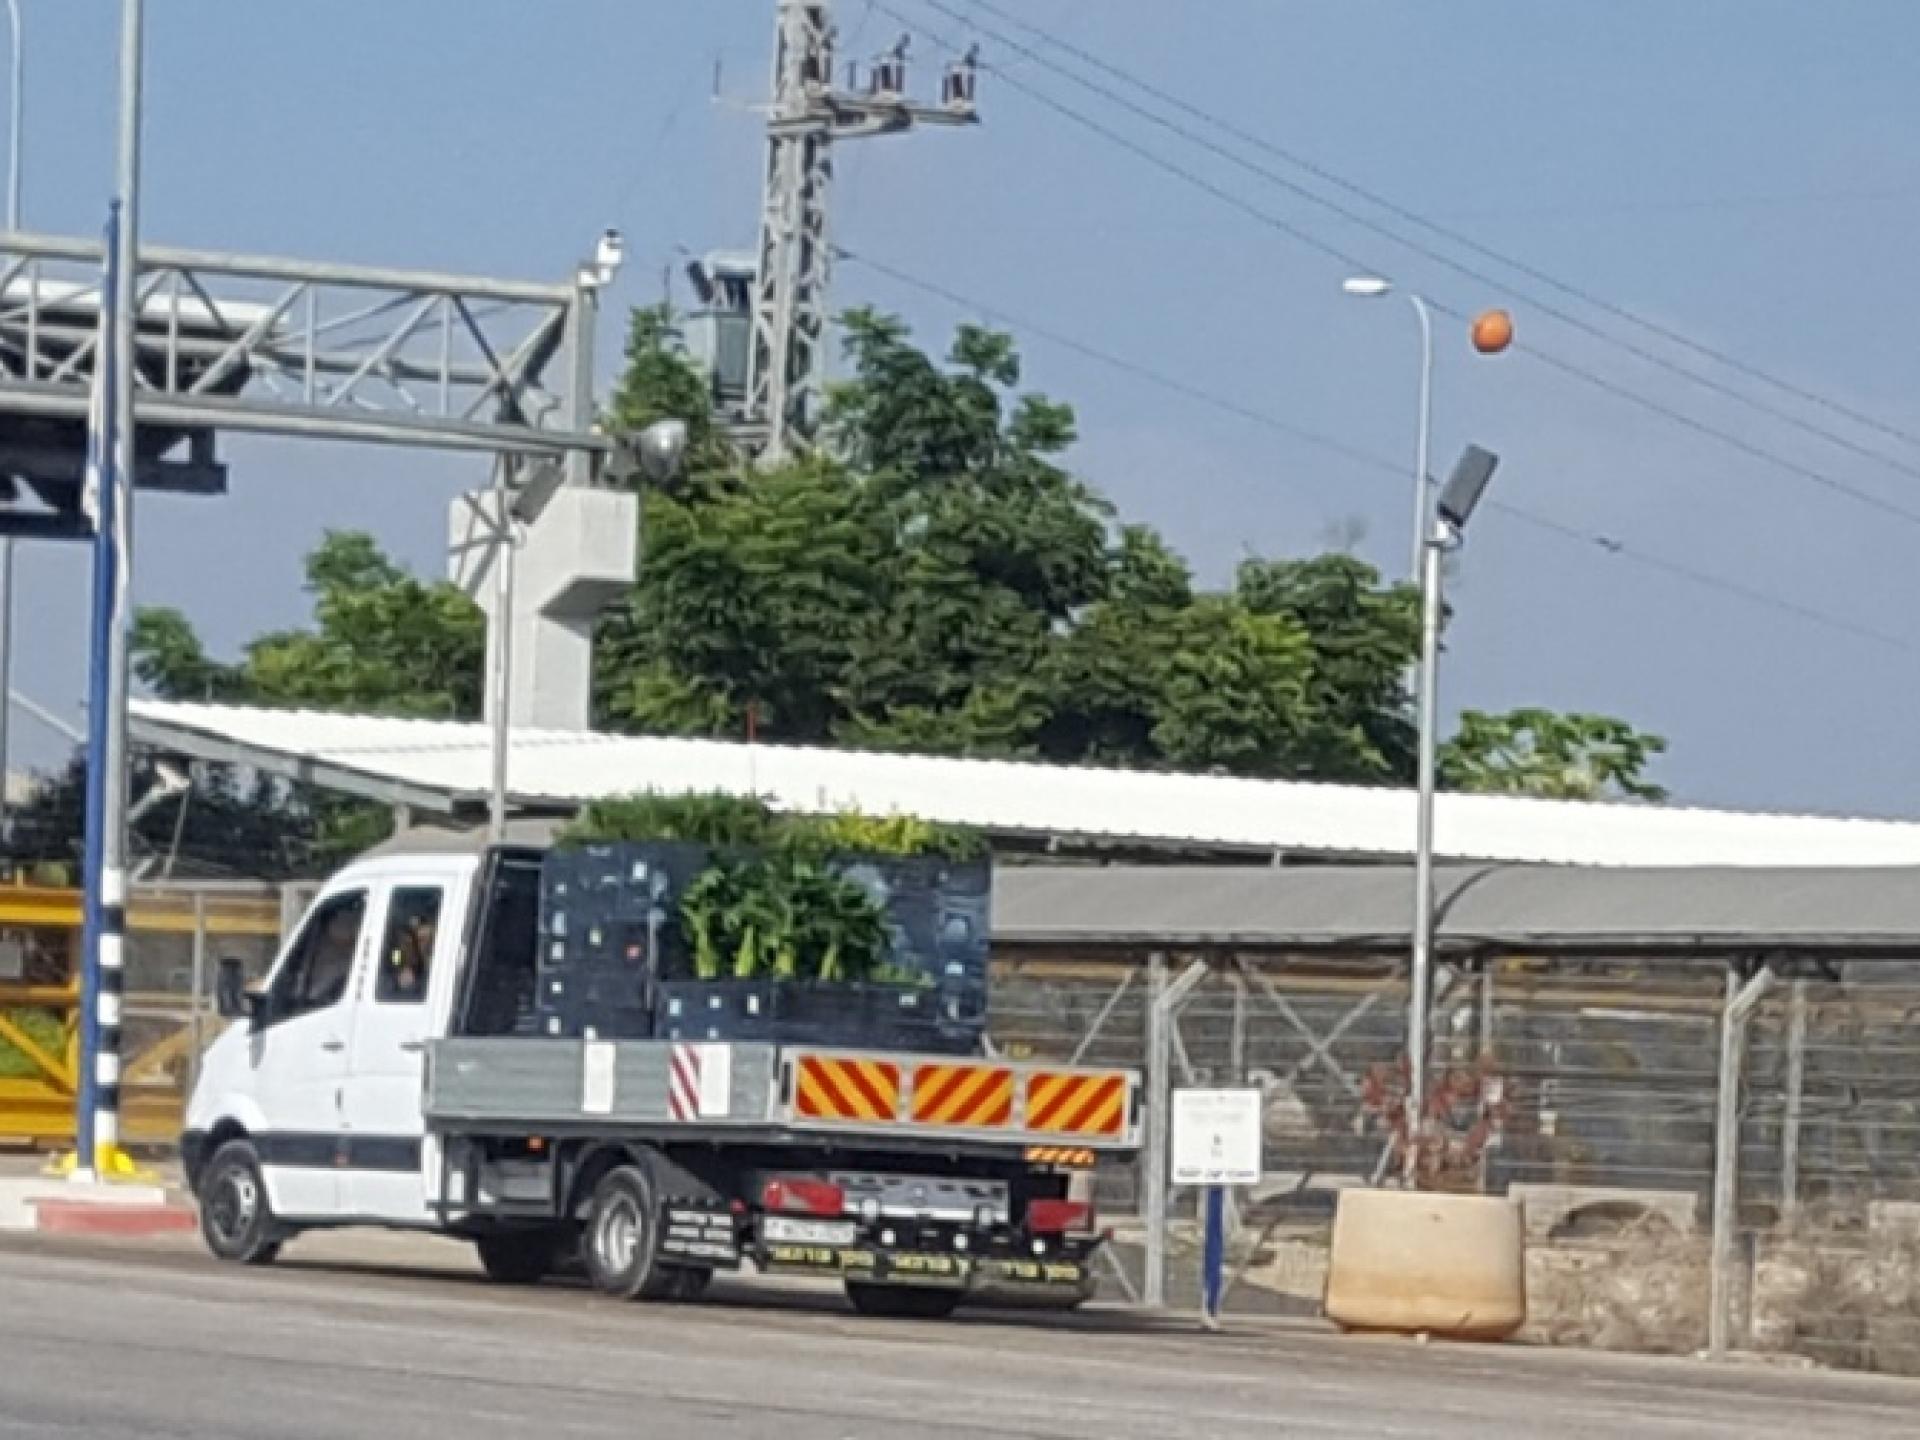 משאית אחת של המשתלות ממתינה לתורה